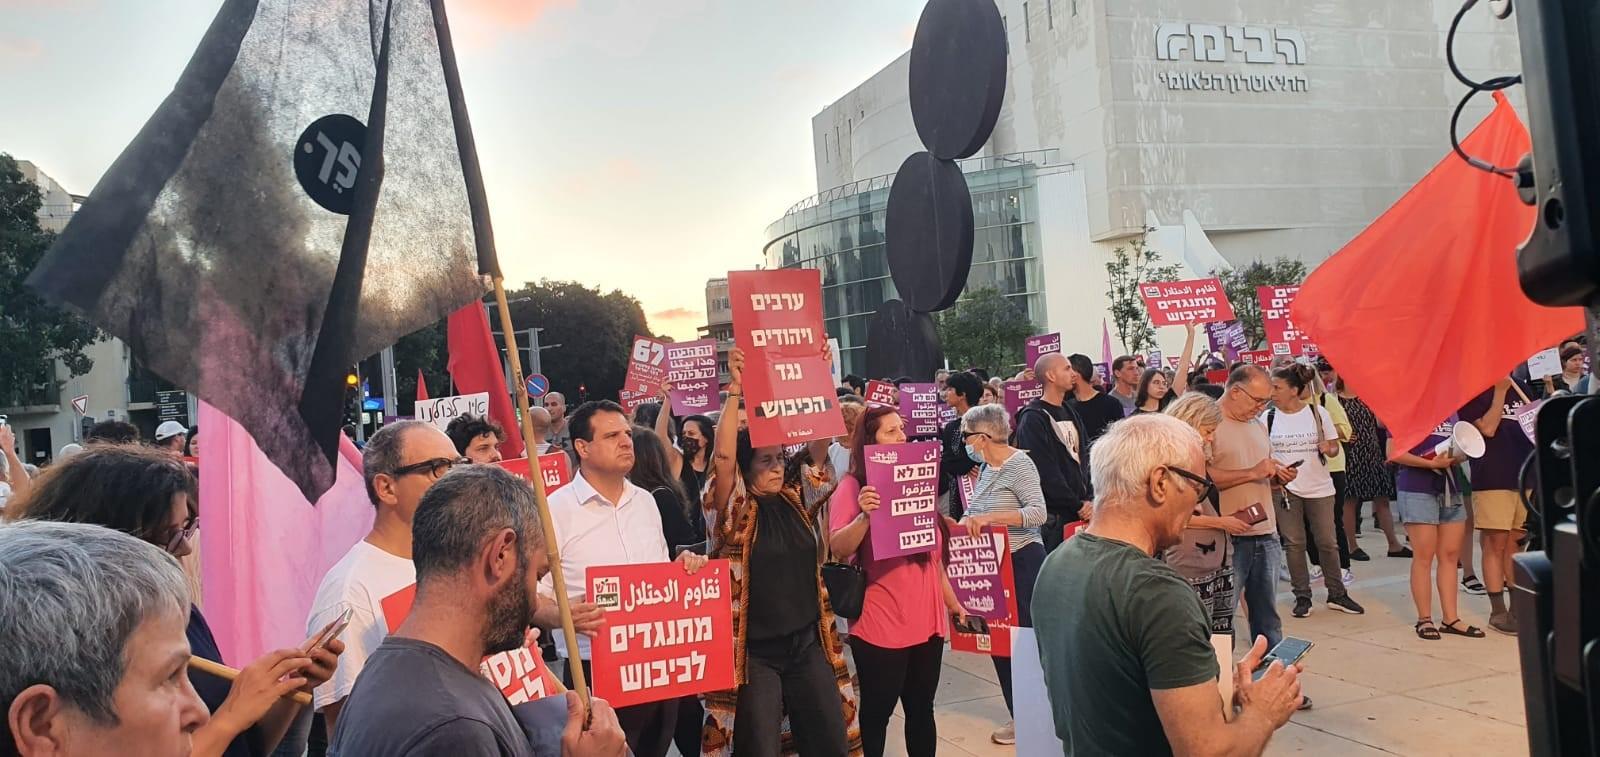 """ח""""כ עודה בעצרת בכיכר הבימה: המאבק איננו בין עם לעם או בין דת לדת"""